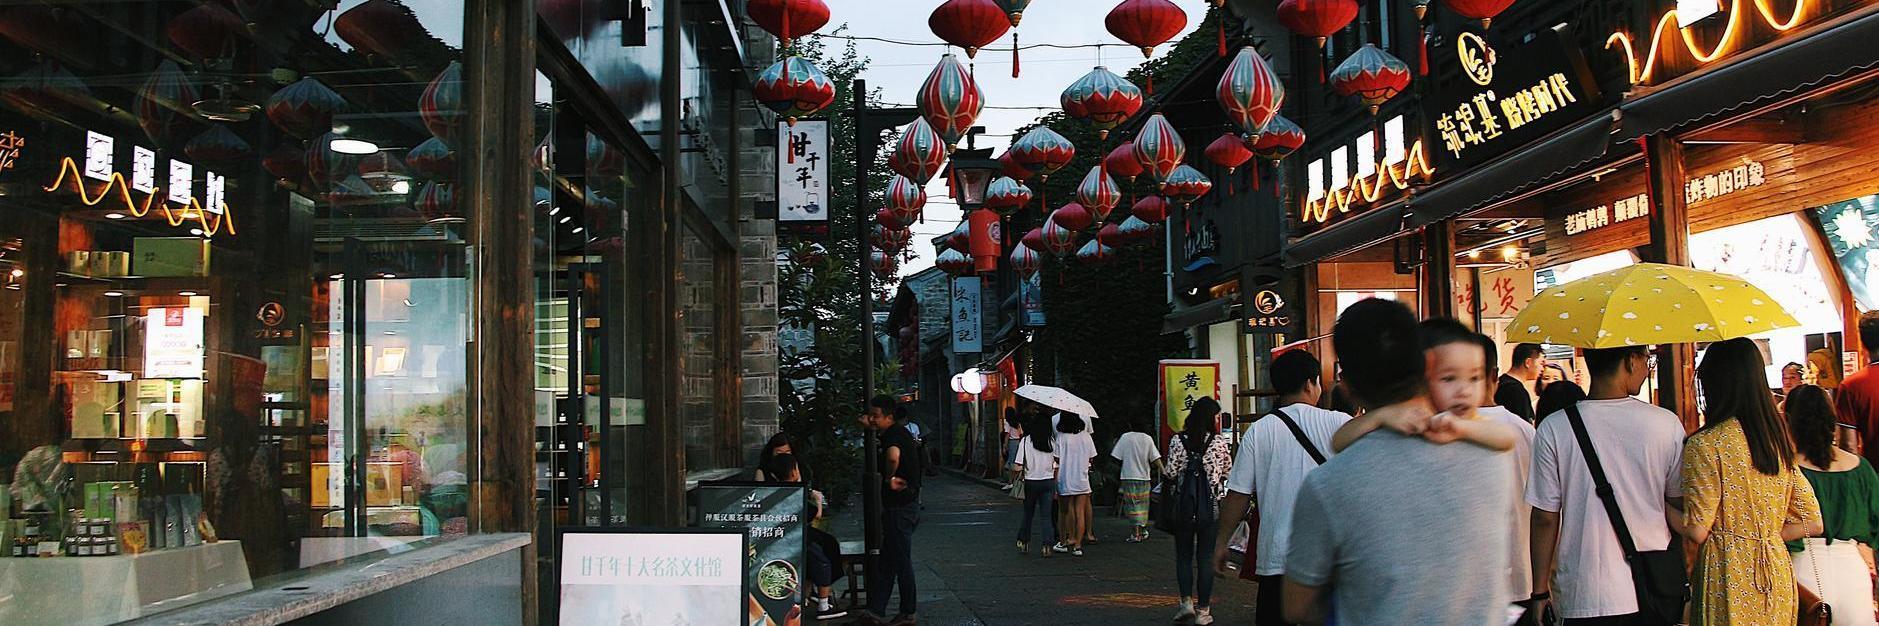 南塘老街-老外滩-鼓楼-月湖公园-天一阁——宁波